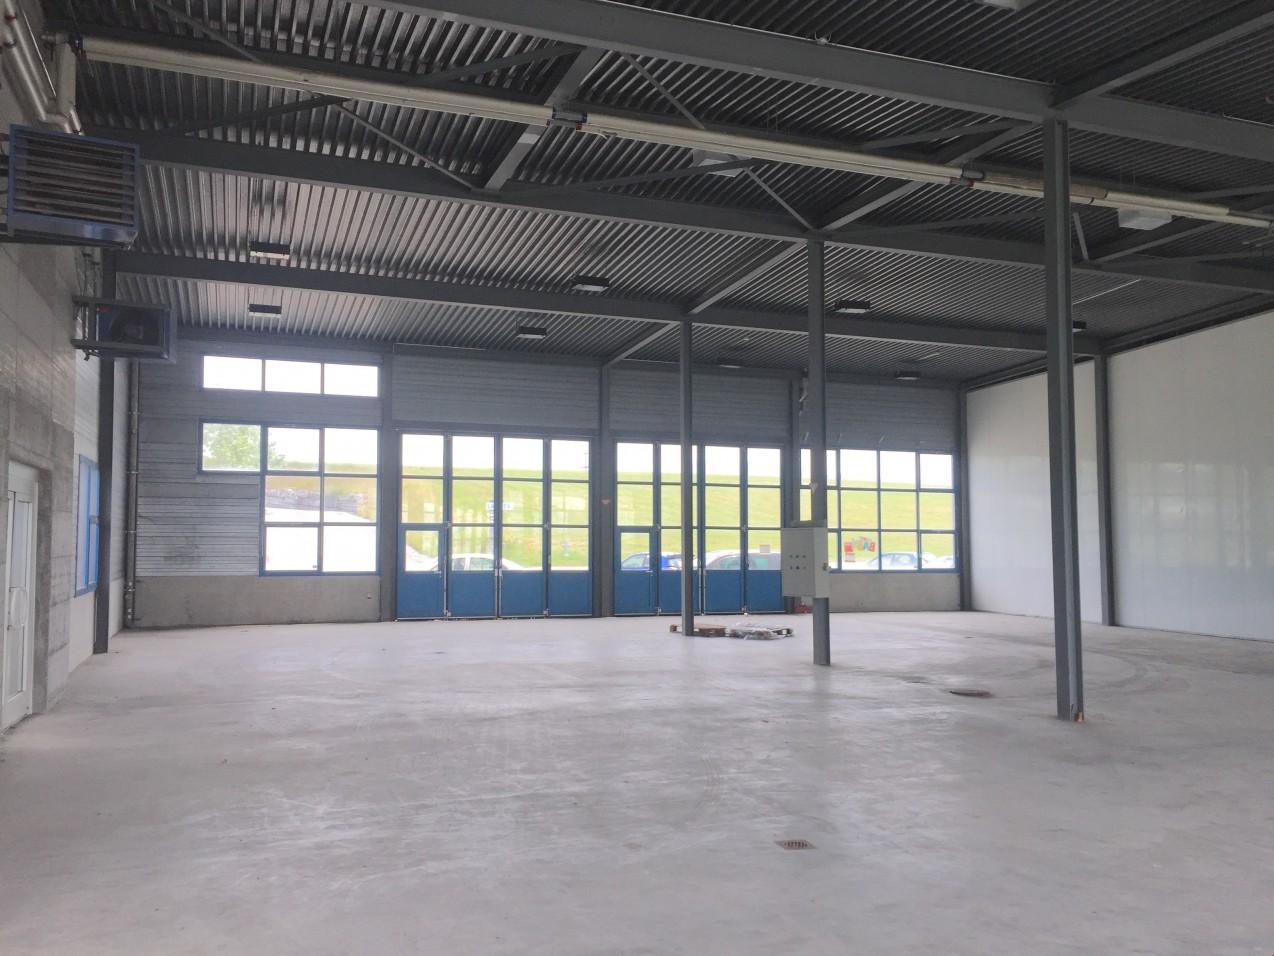 Batiment industriel de 1500 m2 sur terrain de 5000m2 for Prix moyen m2 construction batiment industriel